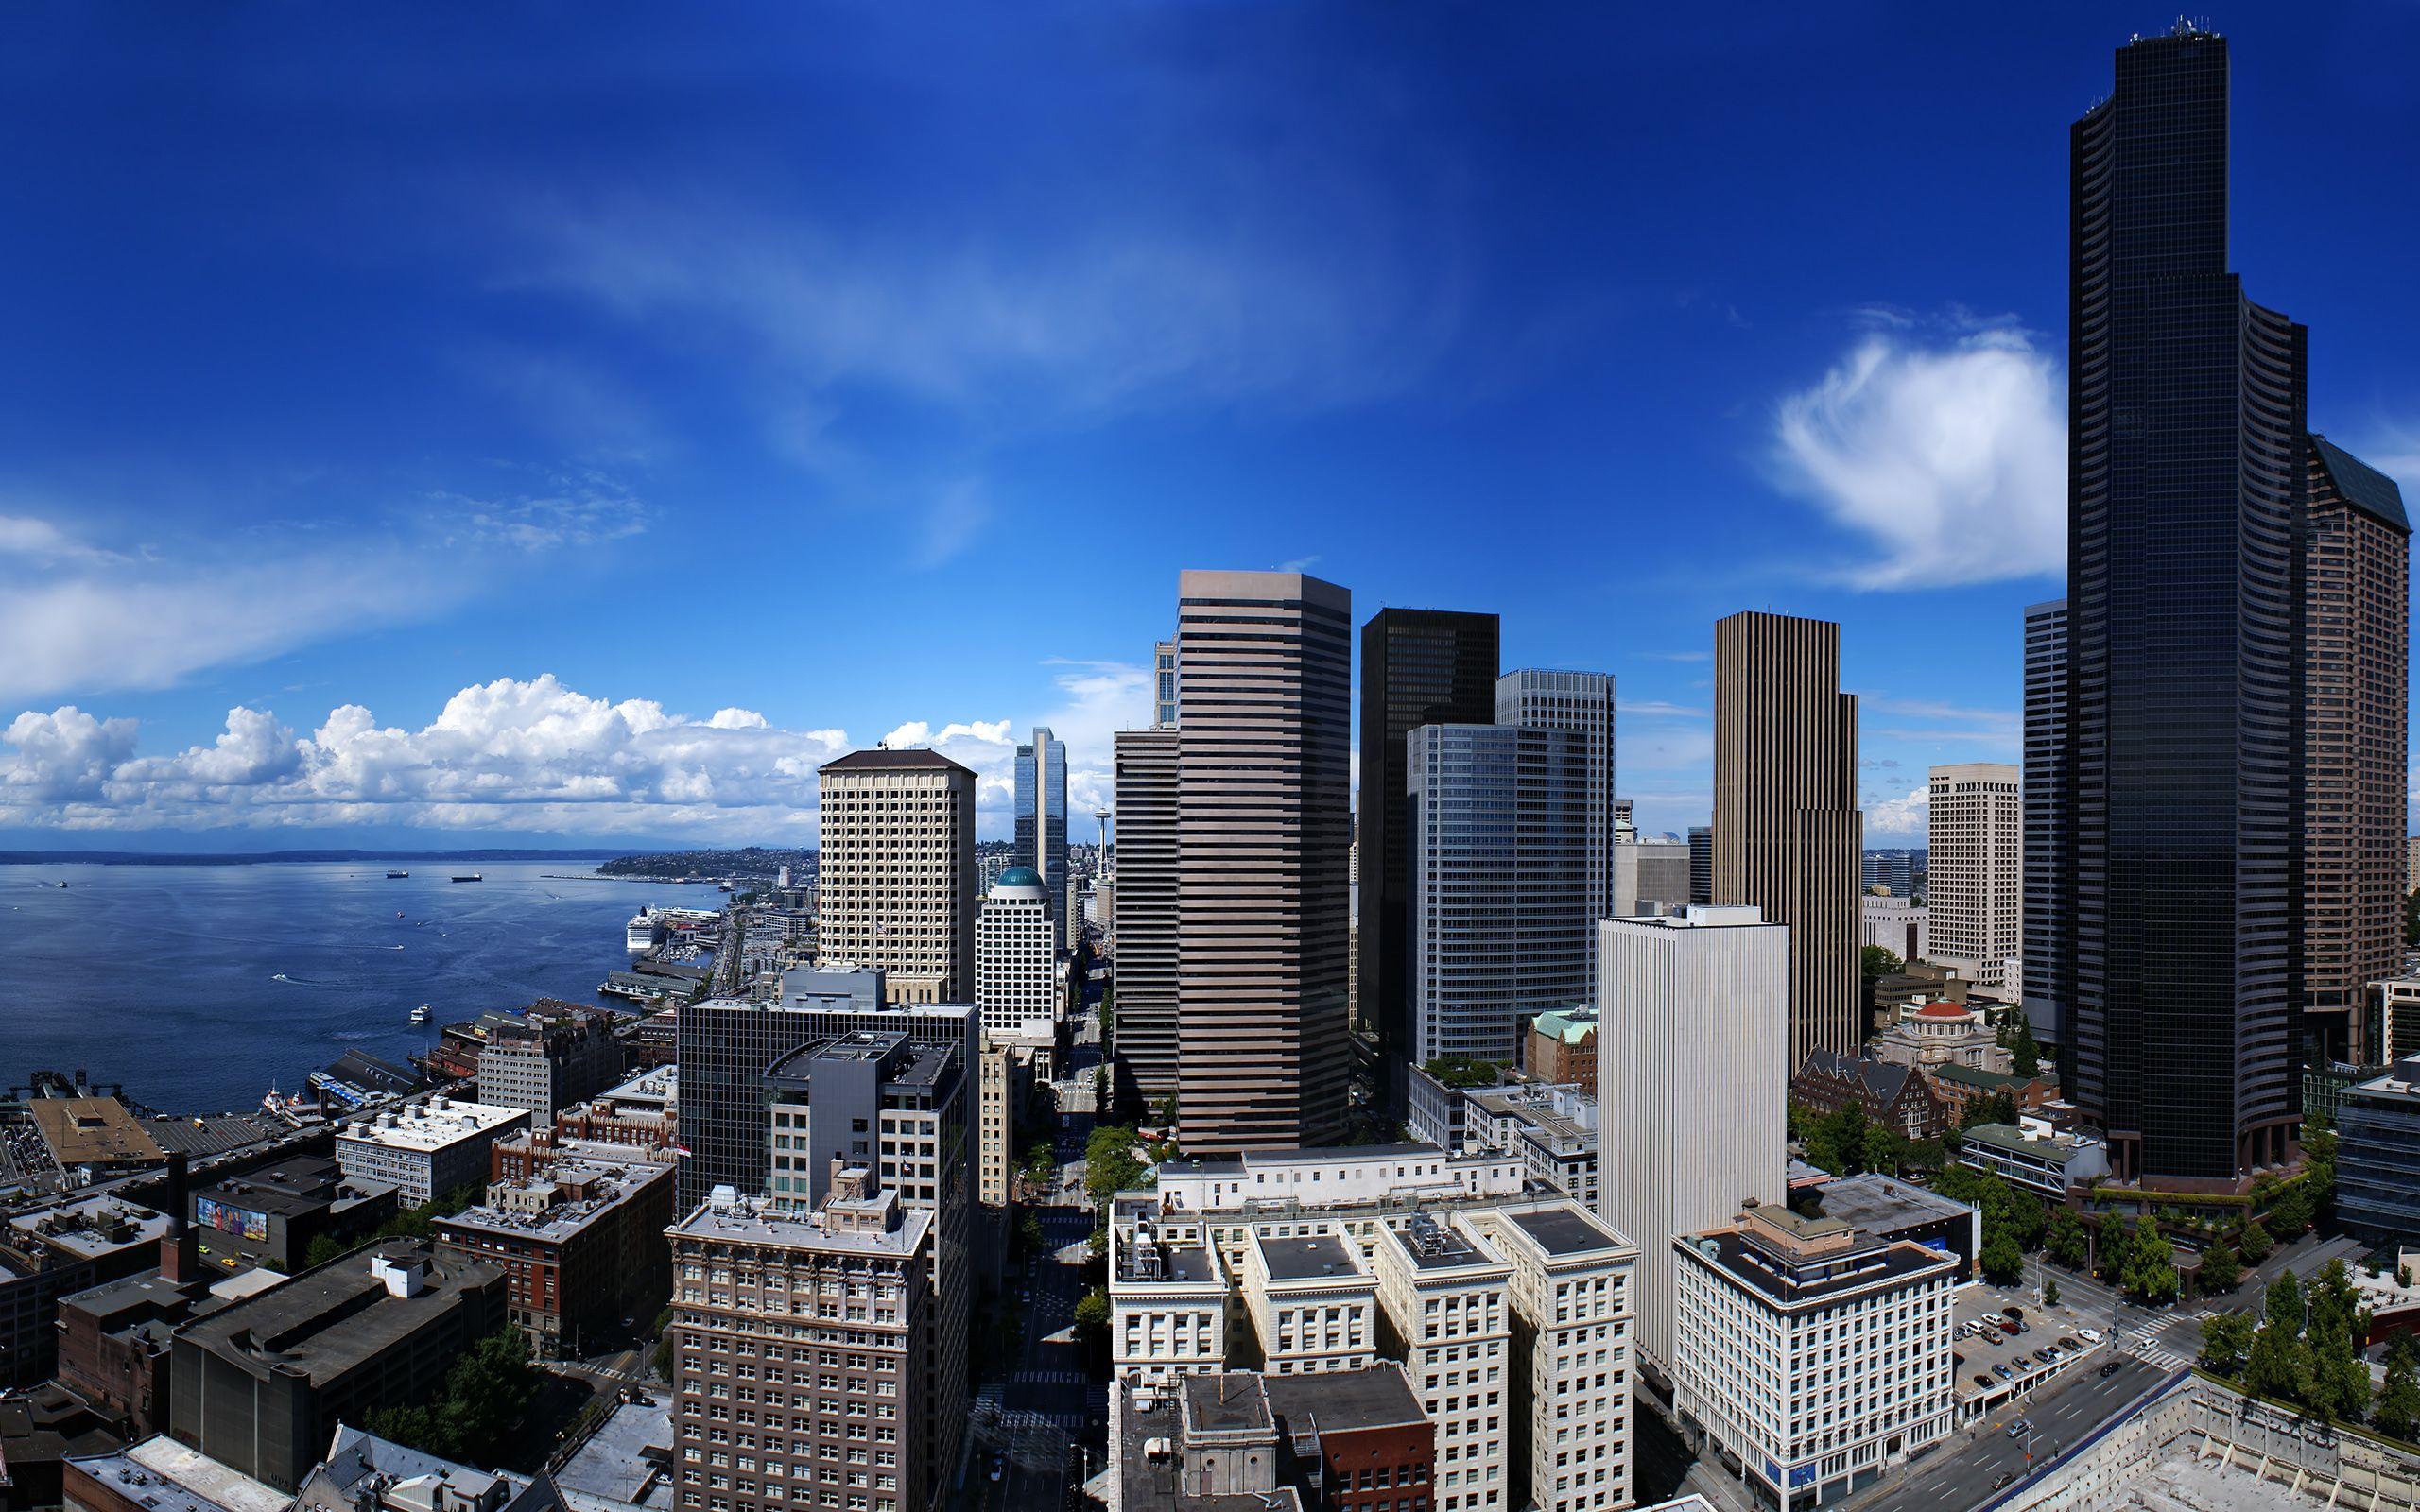 Cityscape Res: 2560x1600 / Size:701kb. Views: 12219